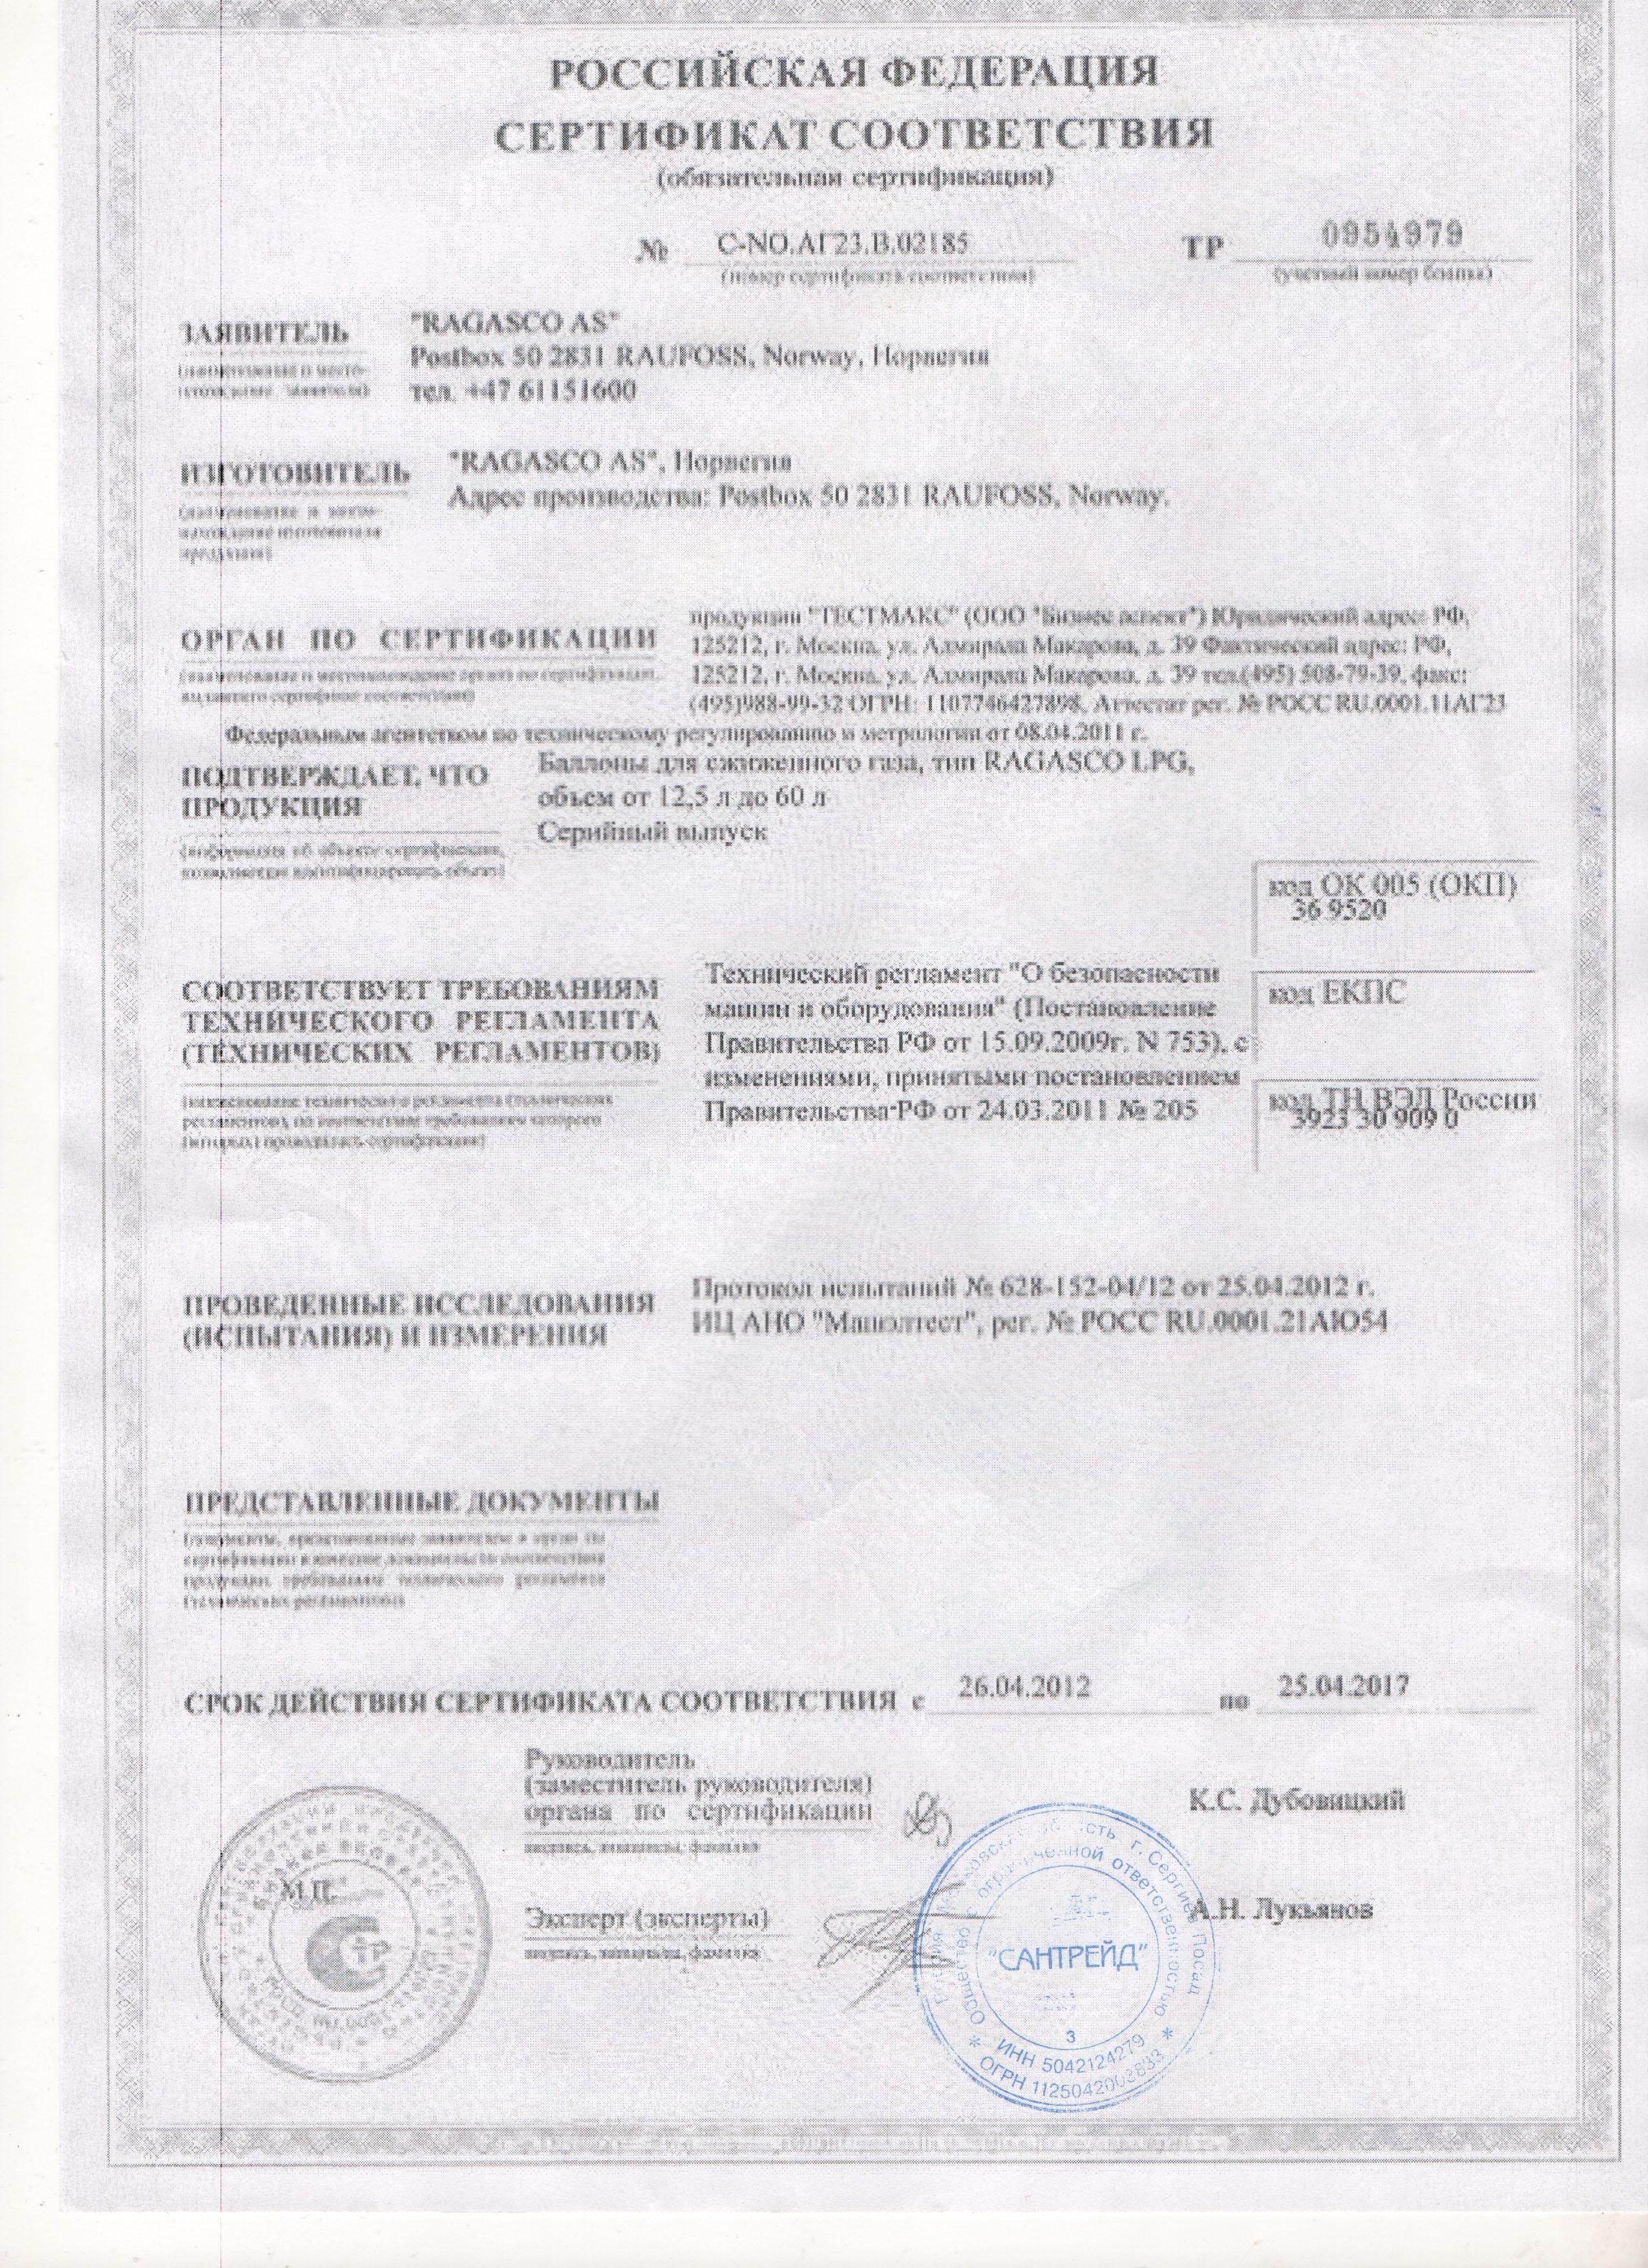 Сертификат соотвествия на компрессорные установки КВ.